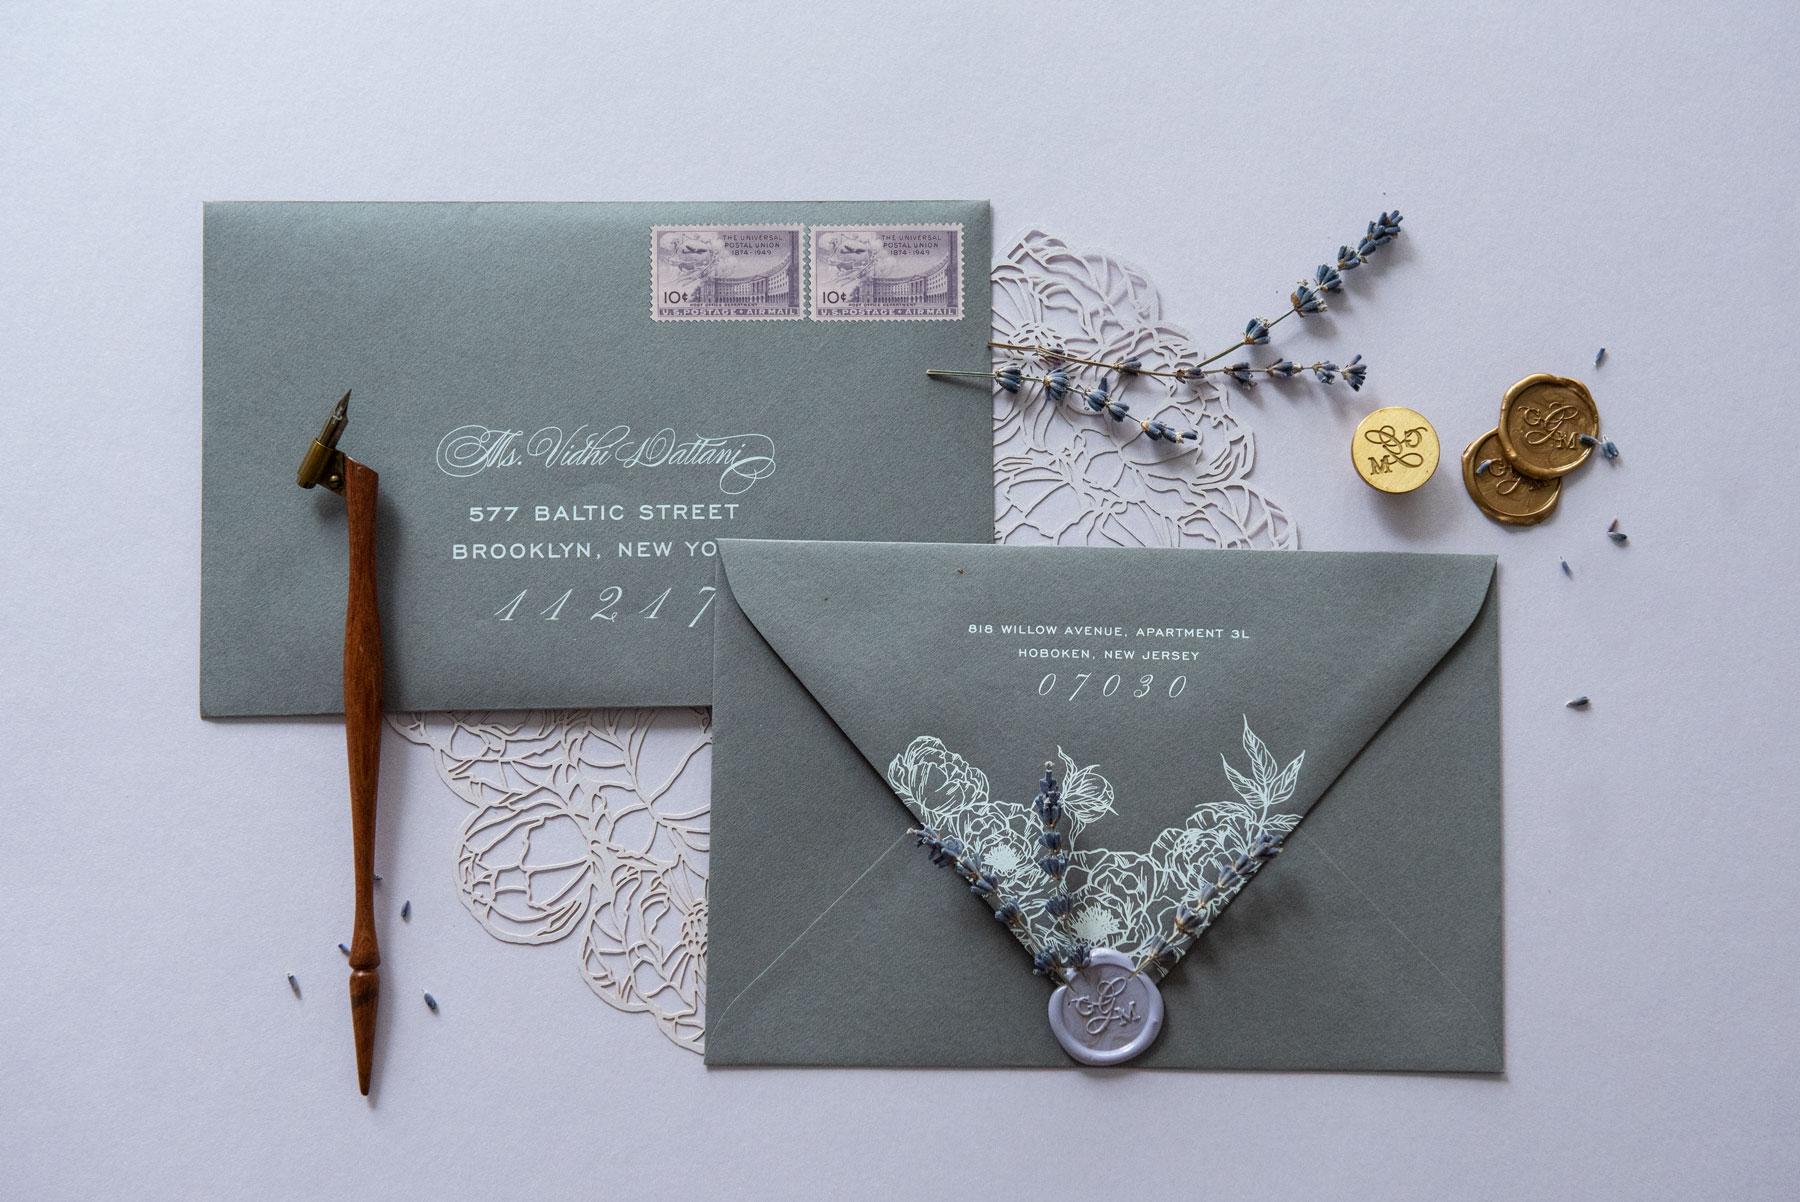 vidhi-dattani-envelope-grey-white-ink-wax-seal.jpg